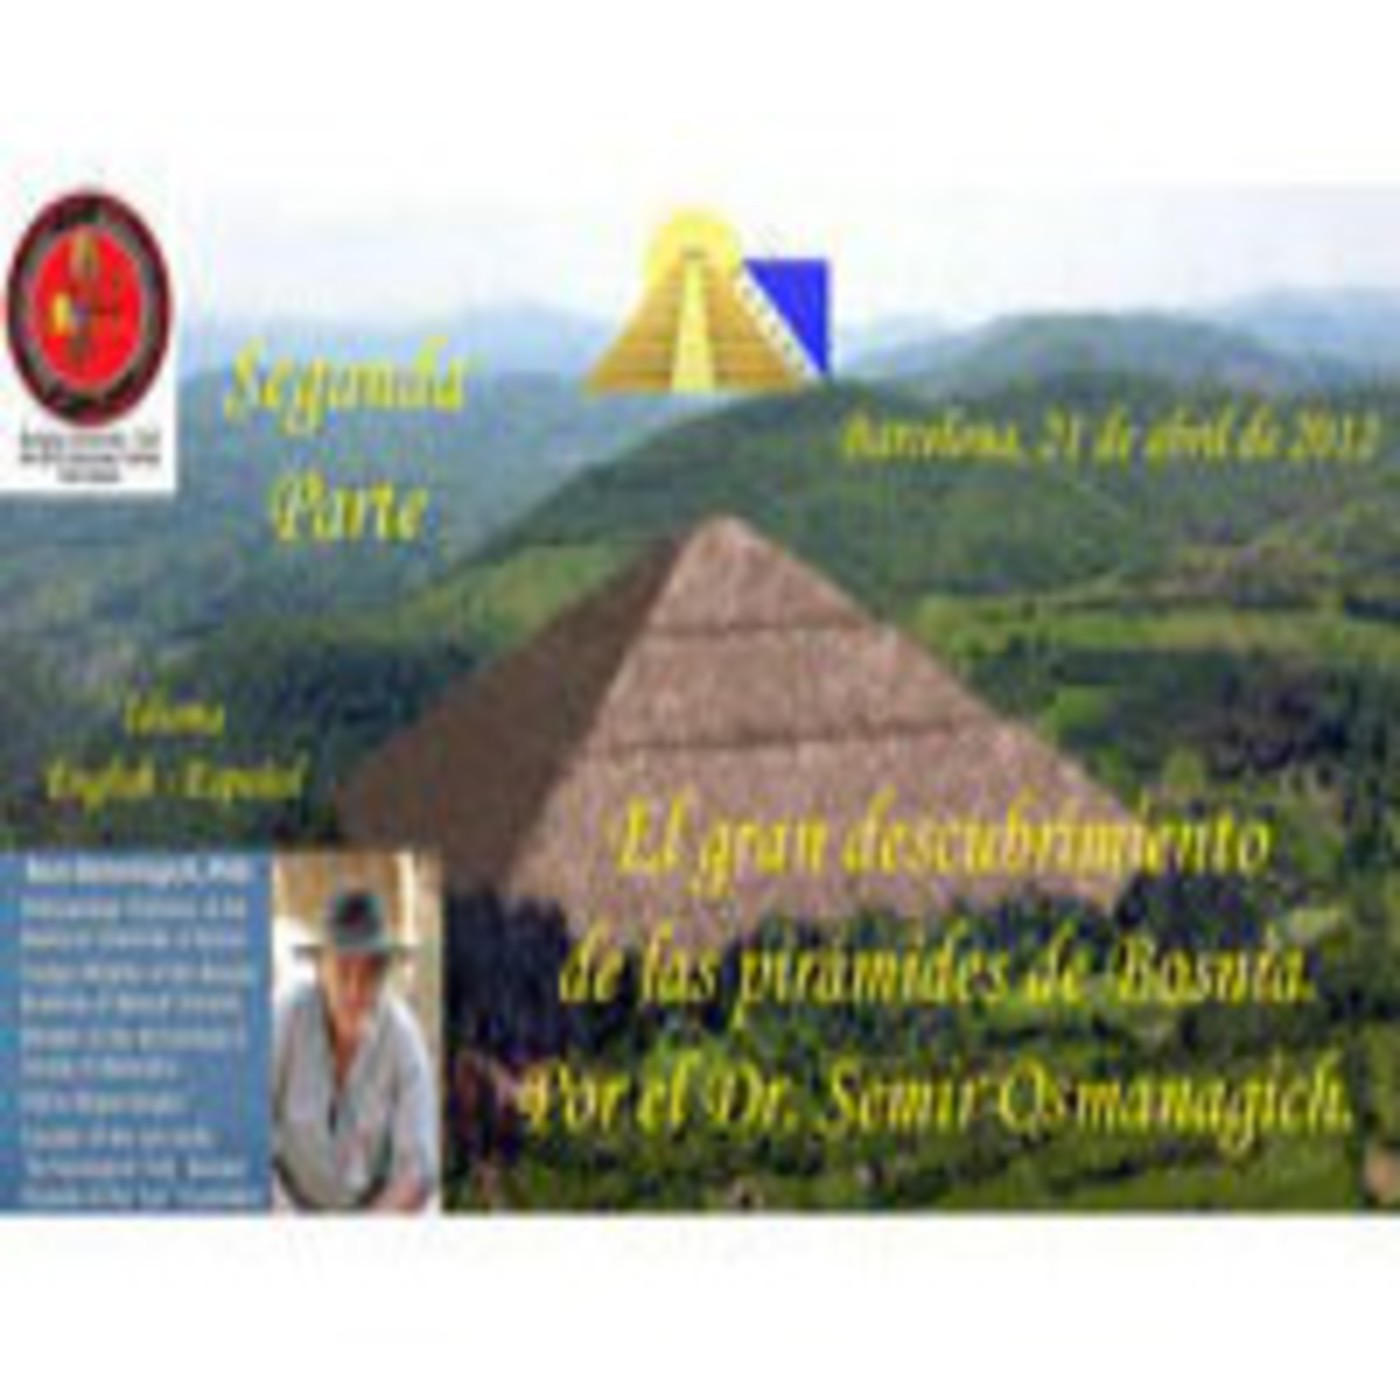 El gran descubrimiento de las pirámides de Bosnia - 2ª parte en La ...